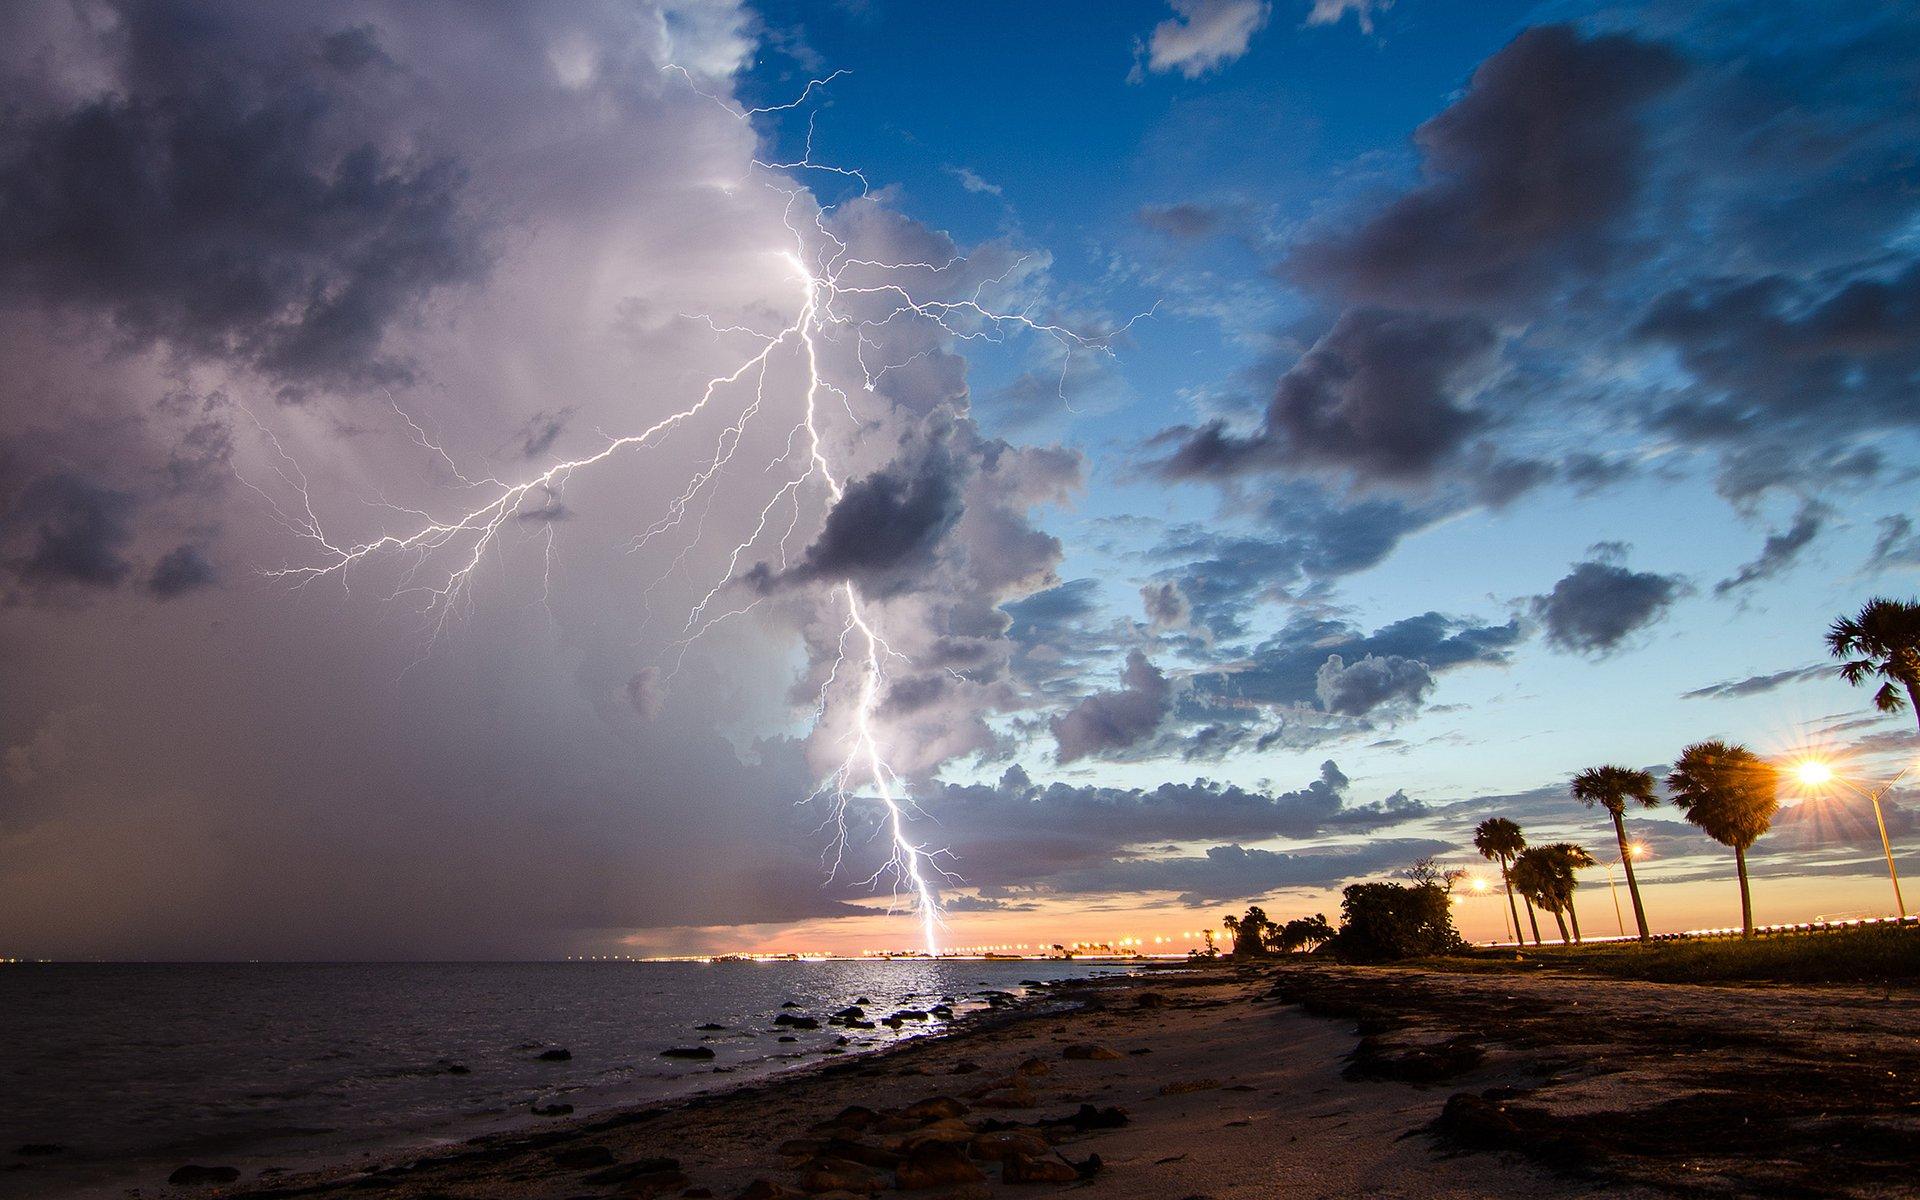 Beach Thunderstorm Wallpaper: Lightning Clouds Storm Beach F Wallpaper